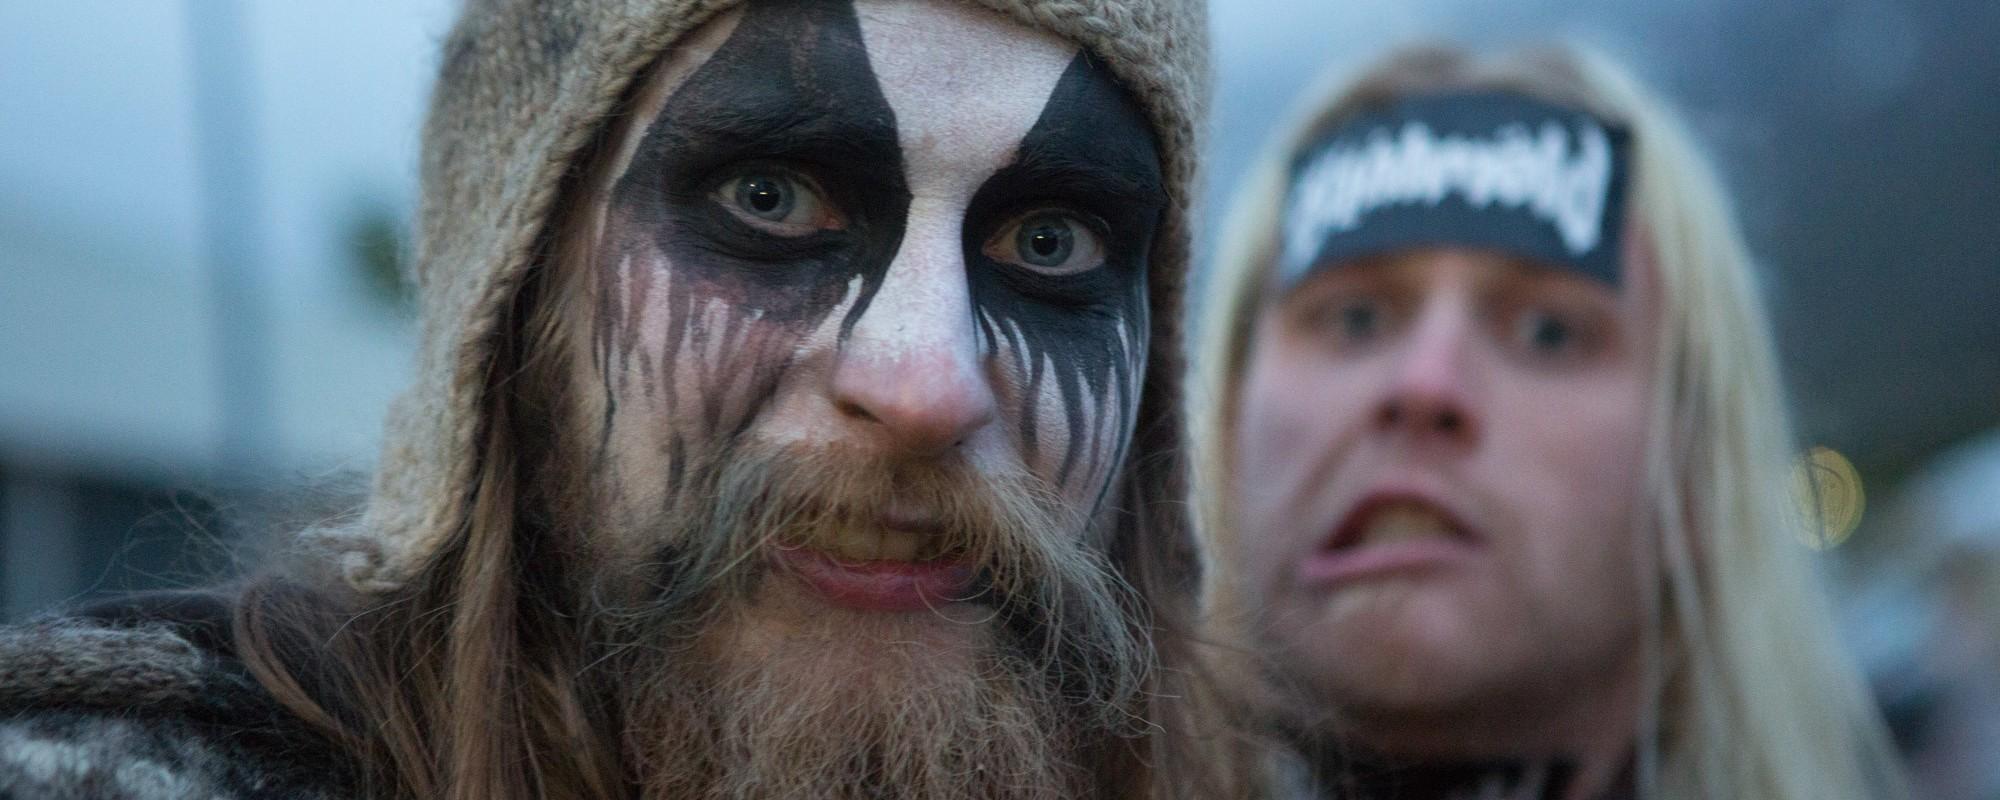 Fiordos, rituales y vikingos: Así estuvo el festival de metal más grande de islandia